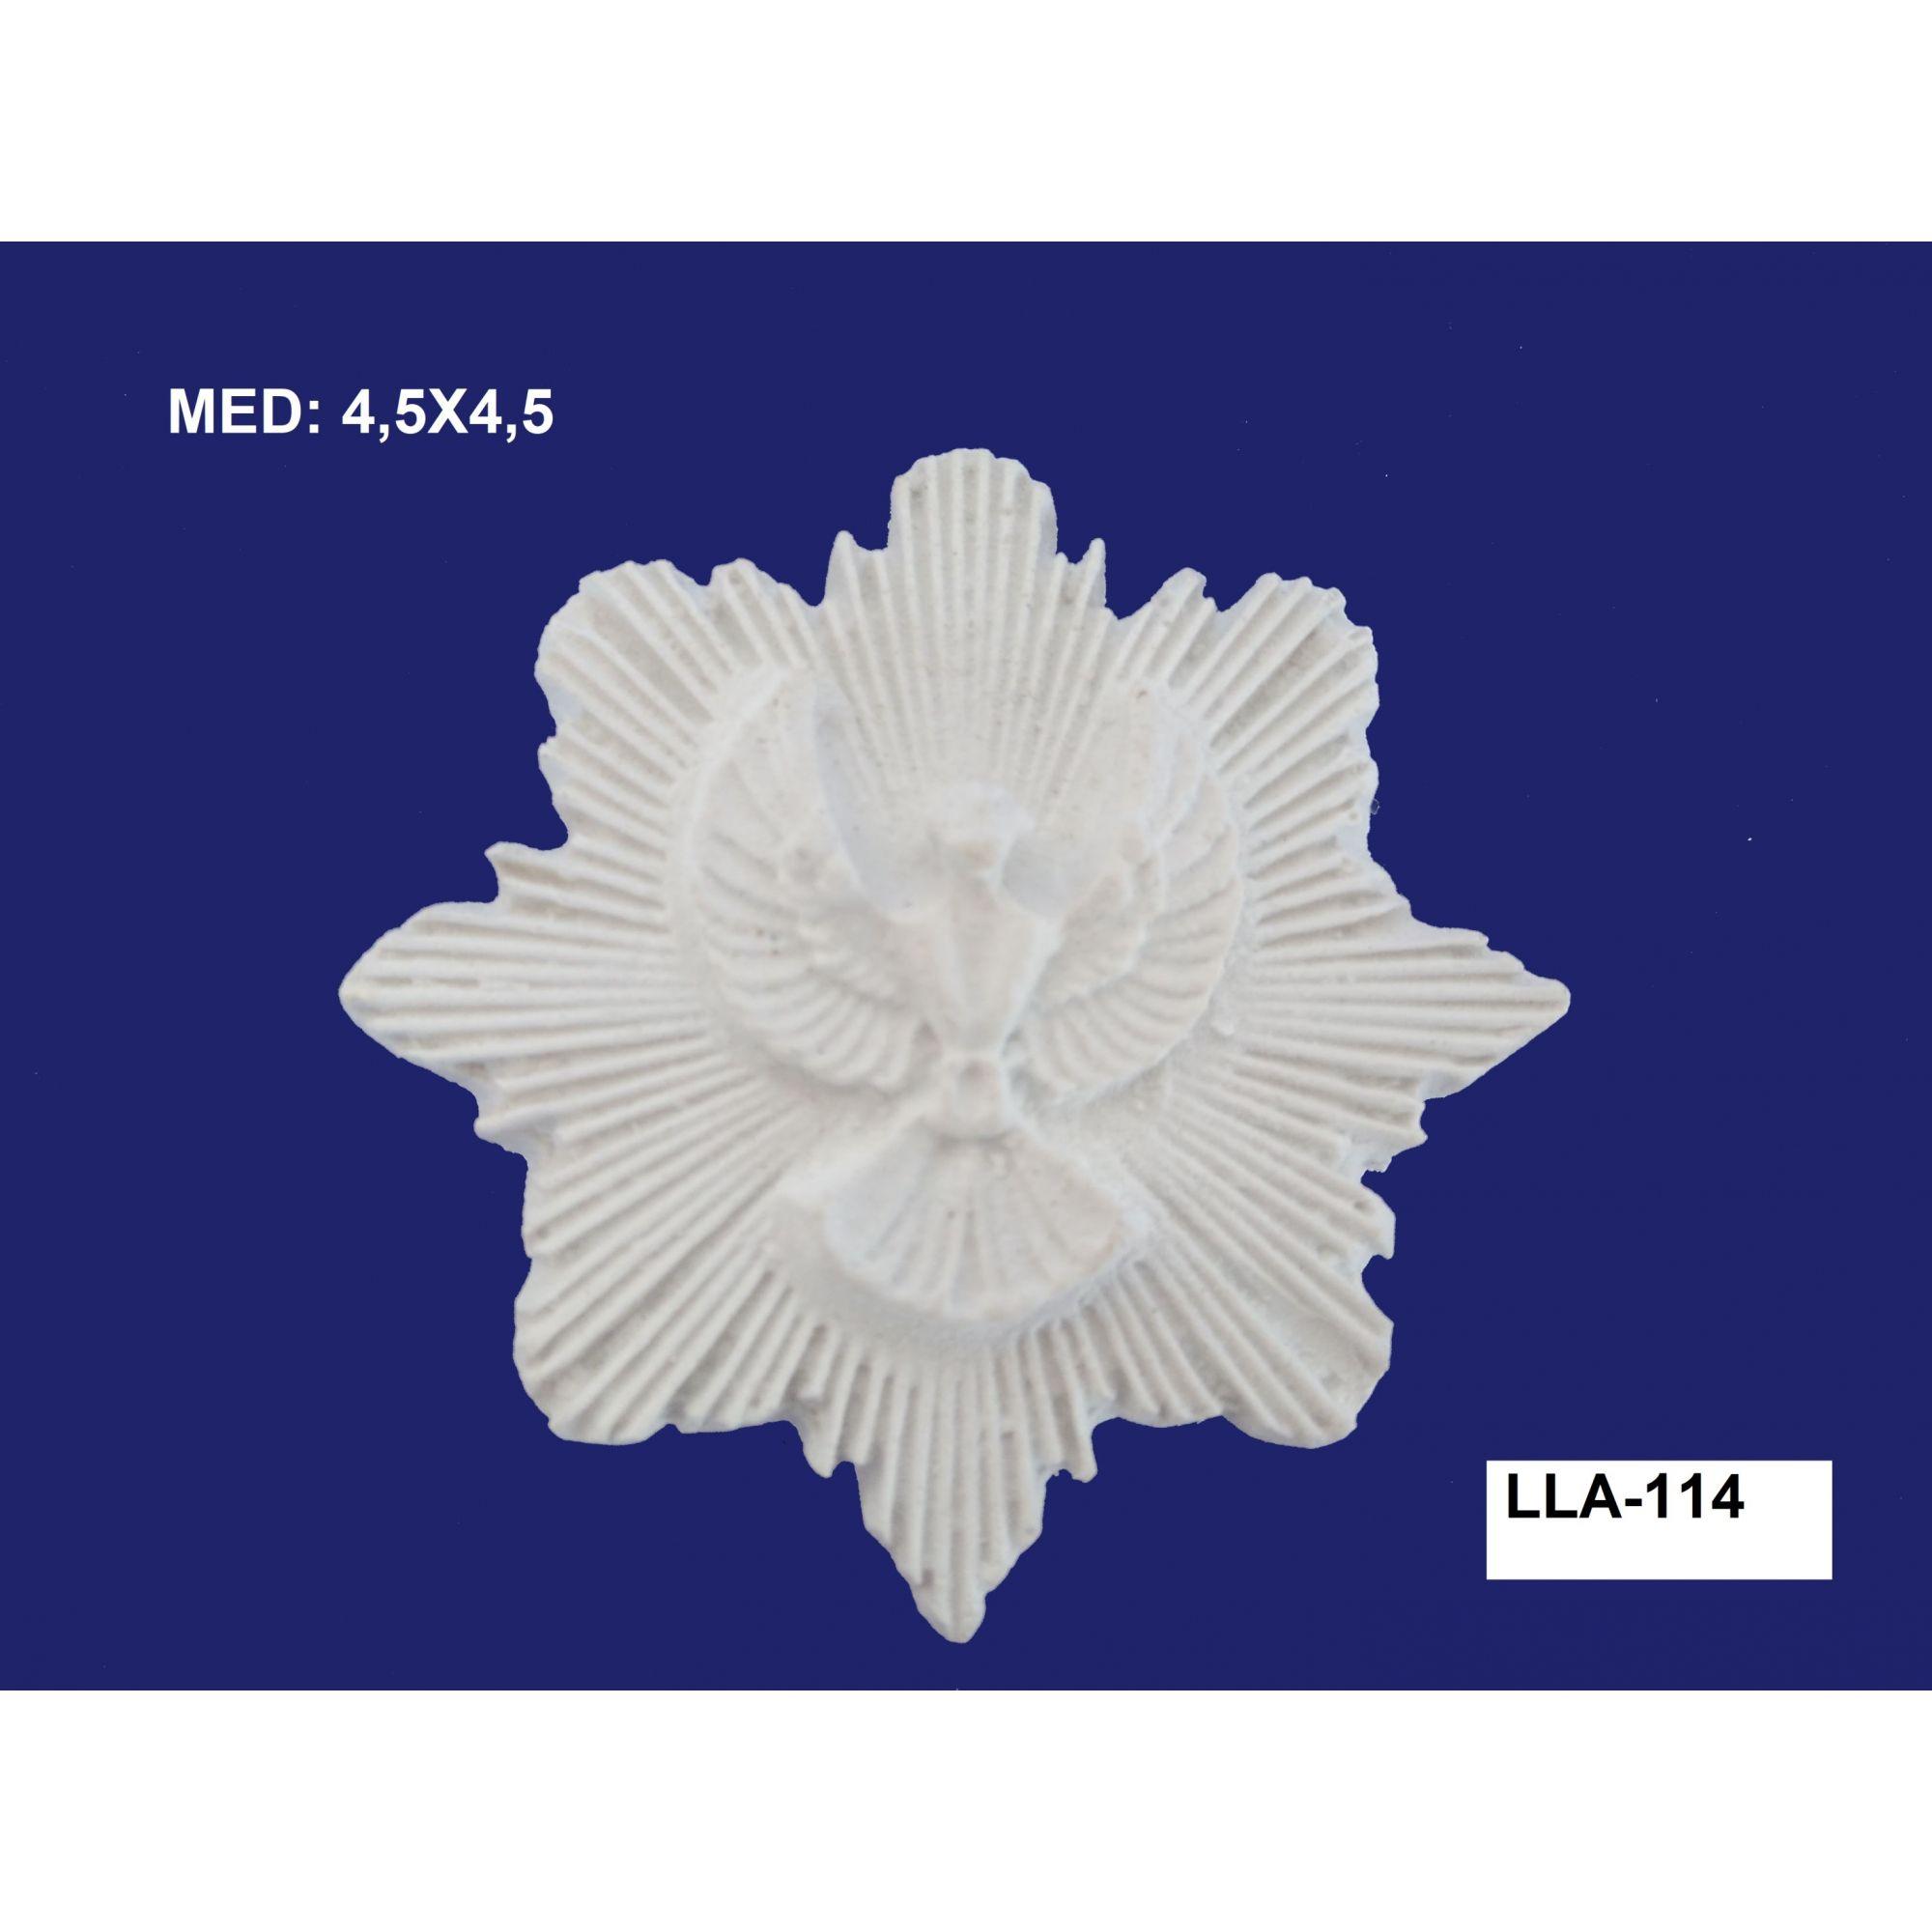 LLA-114 APLIQUE DIVINO C/ RAIO 4,5X4,5CM